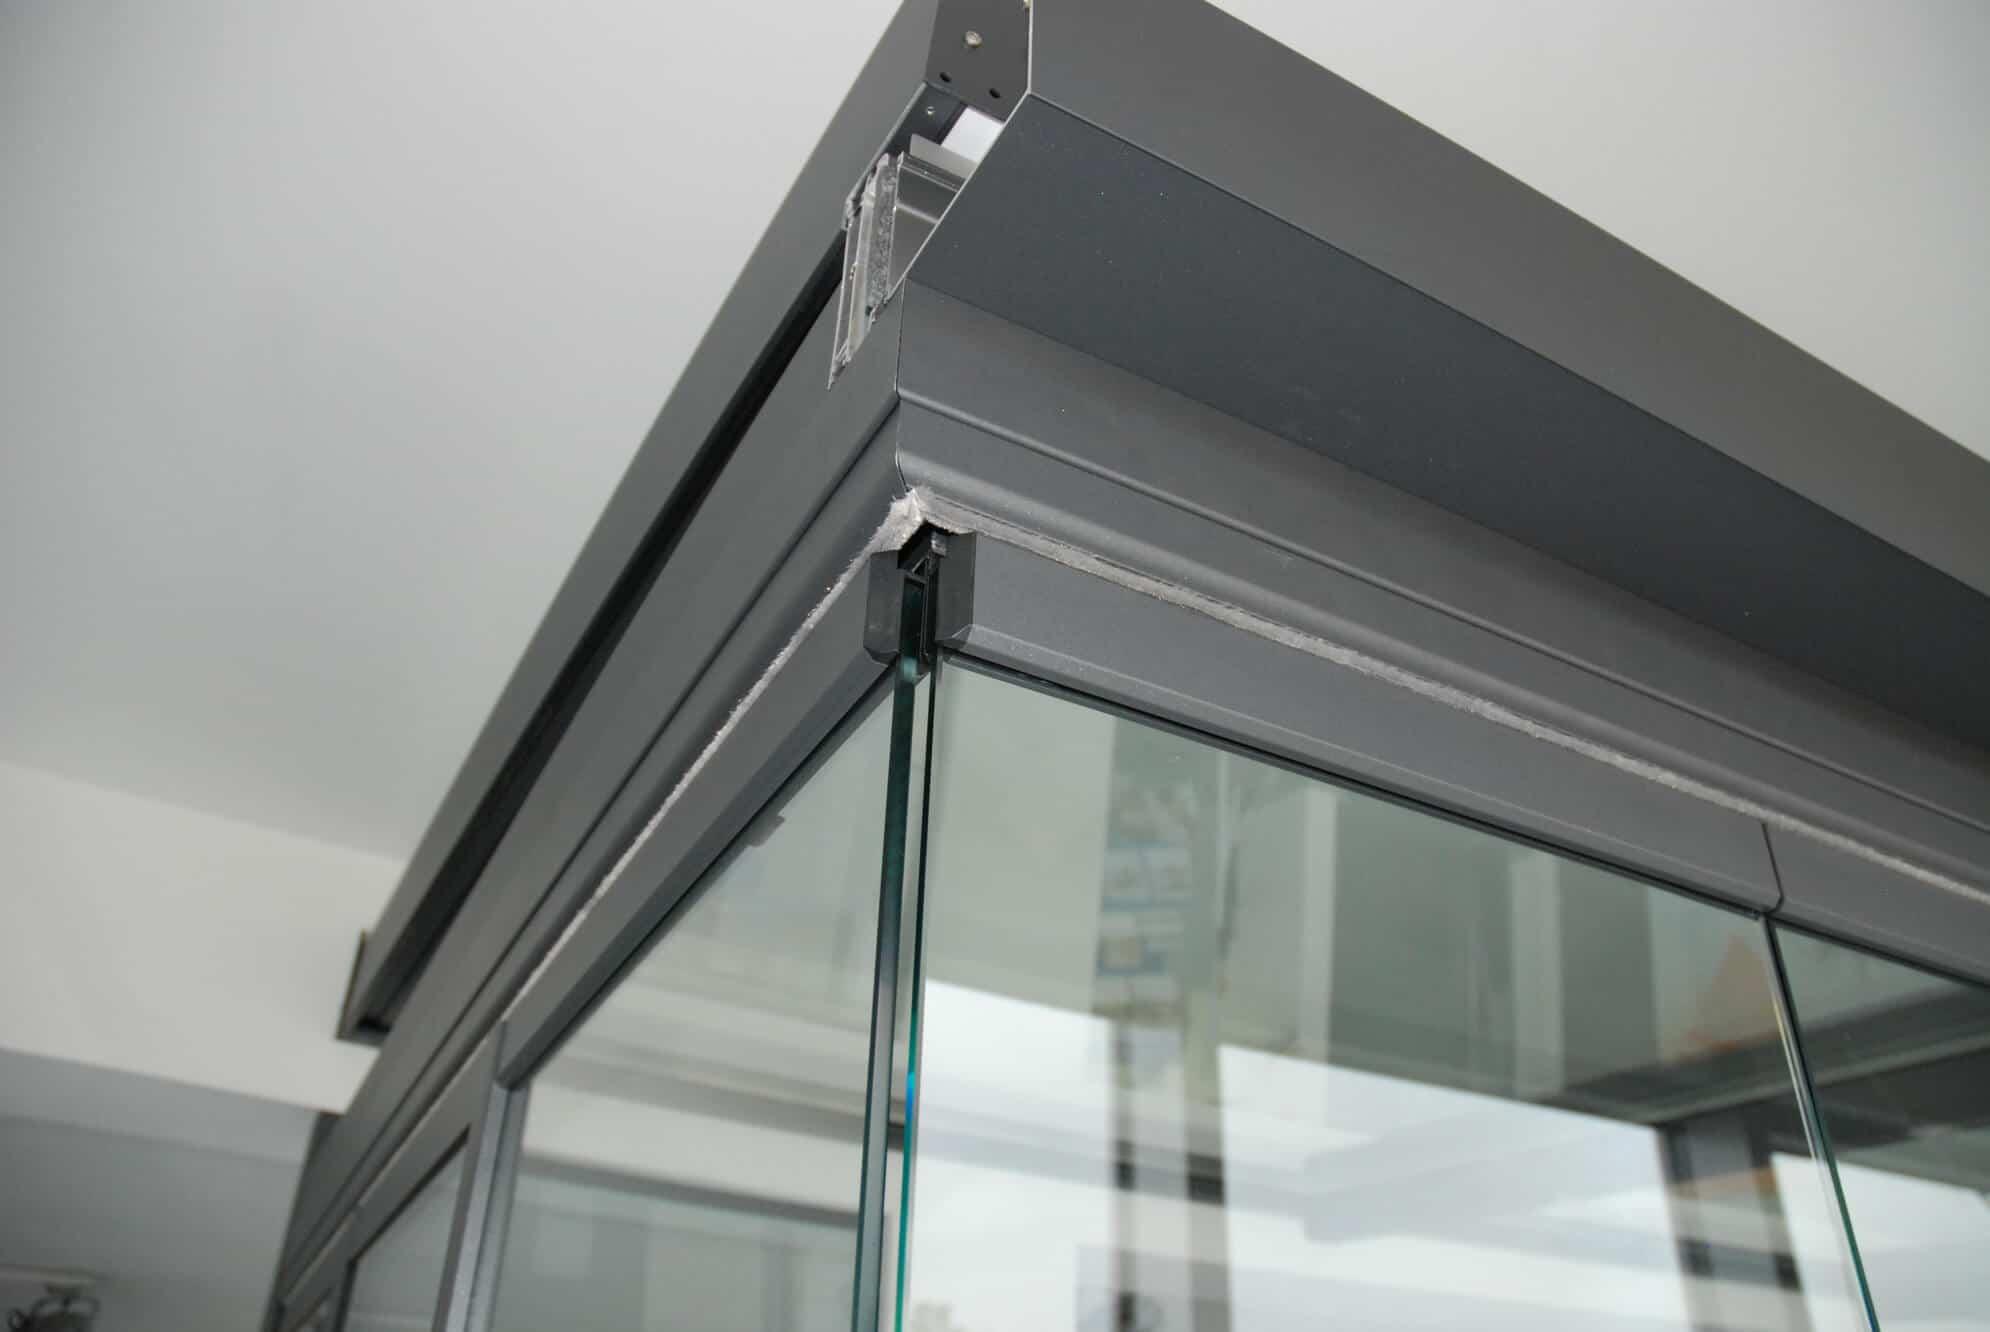 Detail Nurglas-Eck Schiebe-Dreh-Verglasung